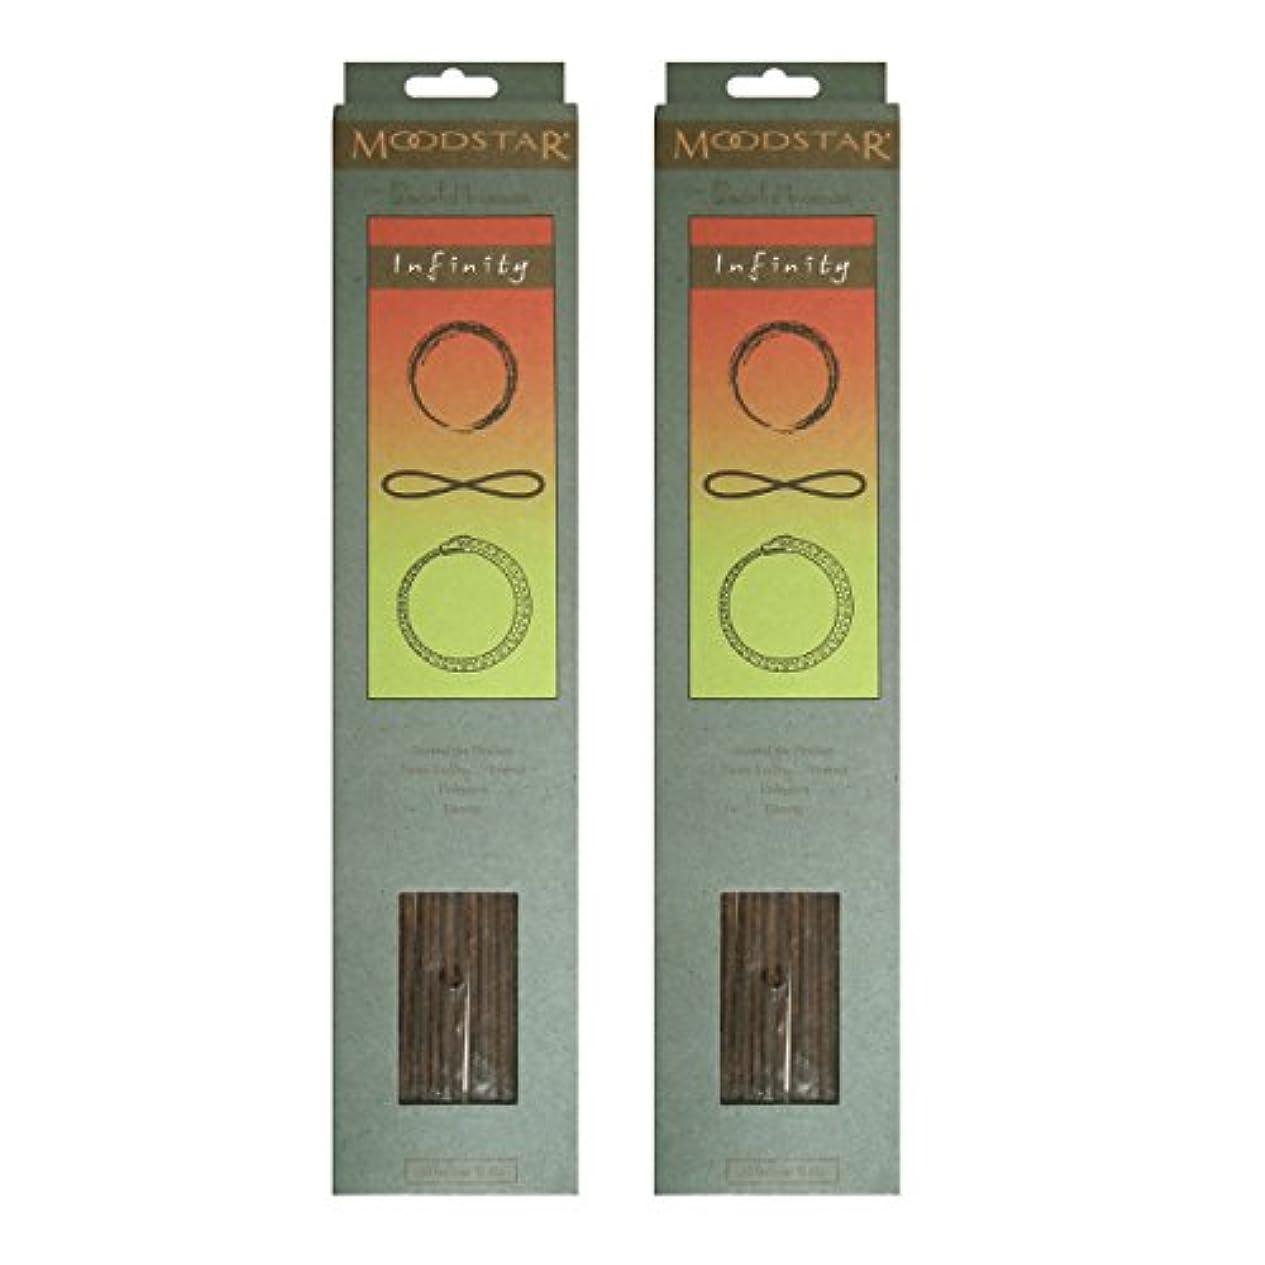 土鳴り響く州MOODSTAR ムードスター Infinity インフィニティー インセンス お香 20本 X 2パック (40本)